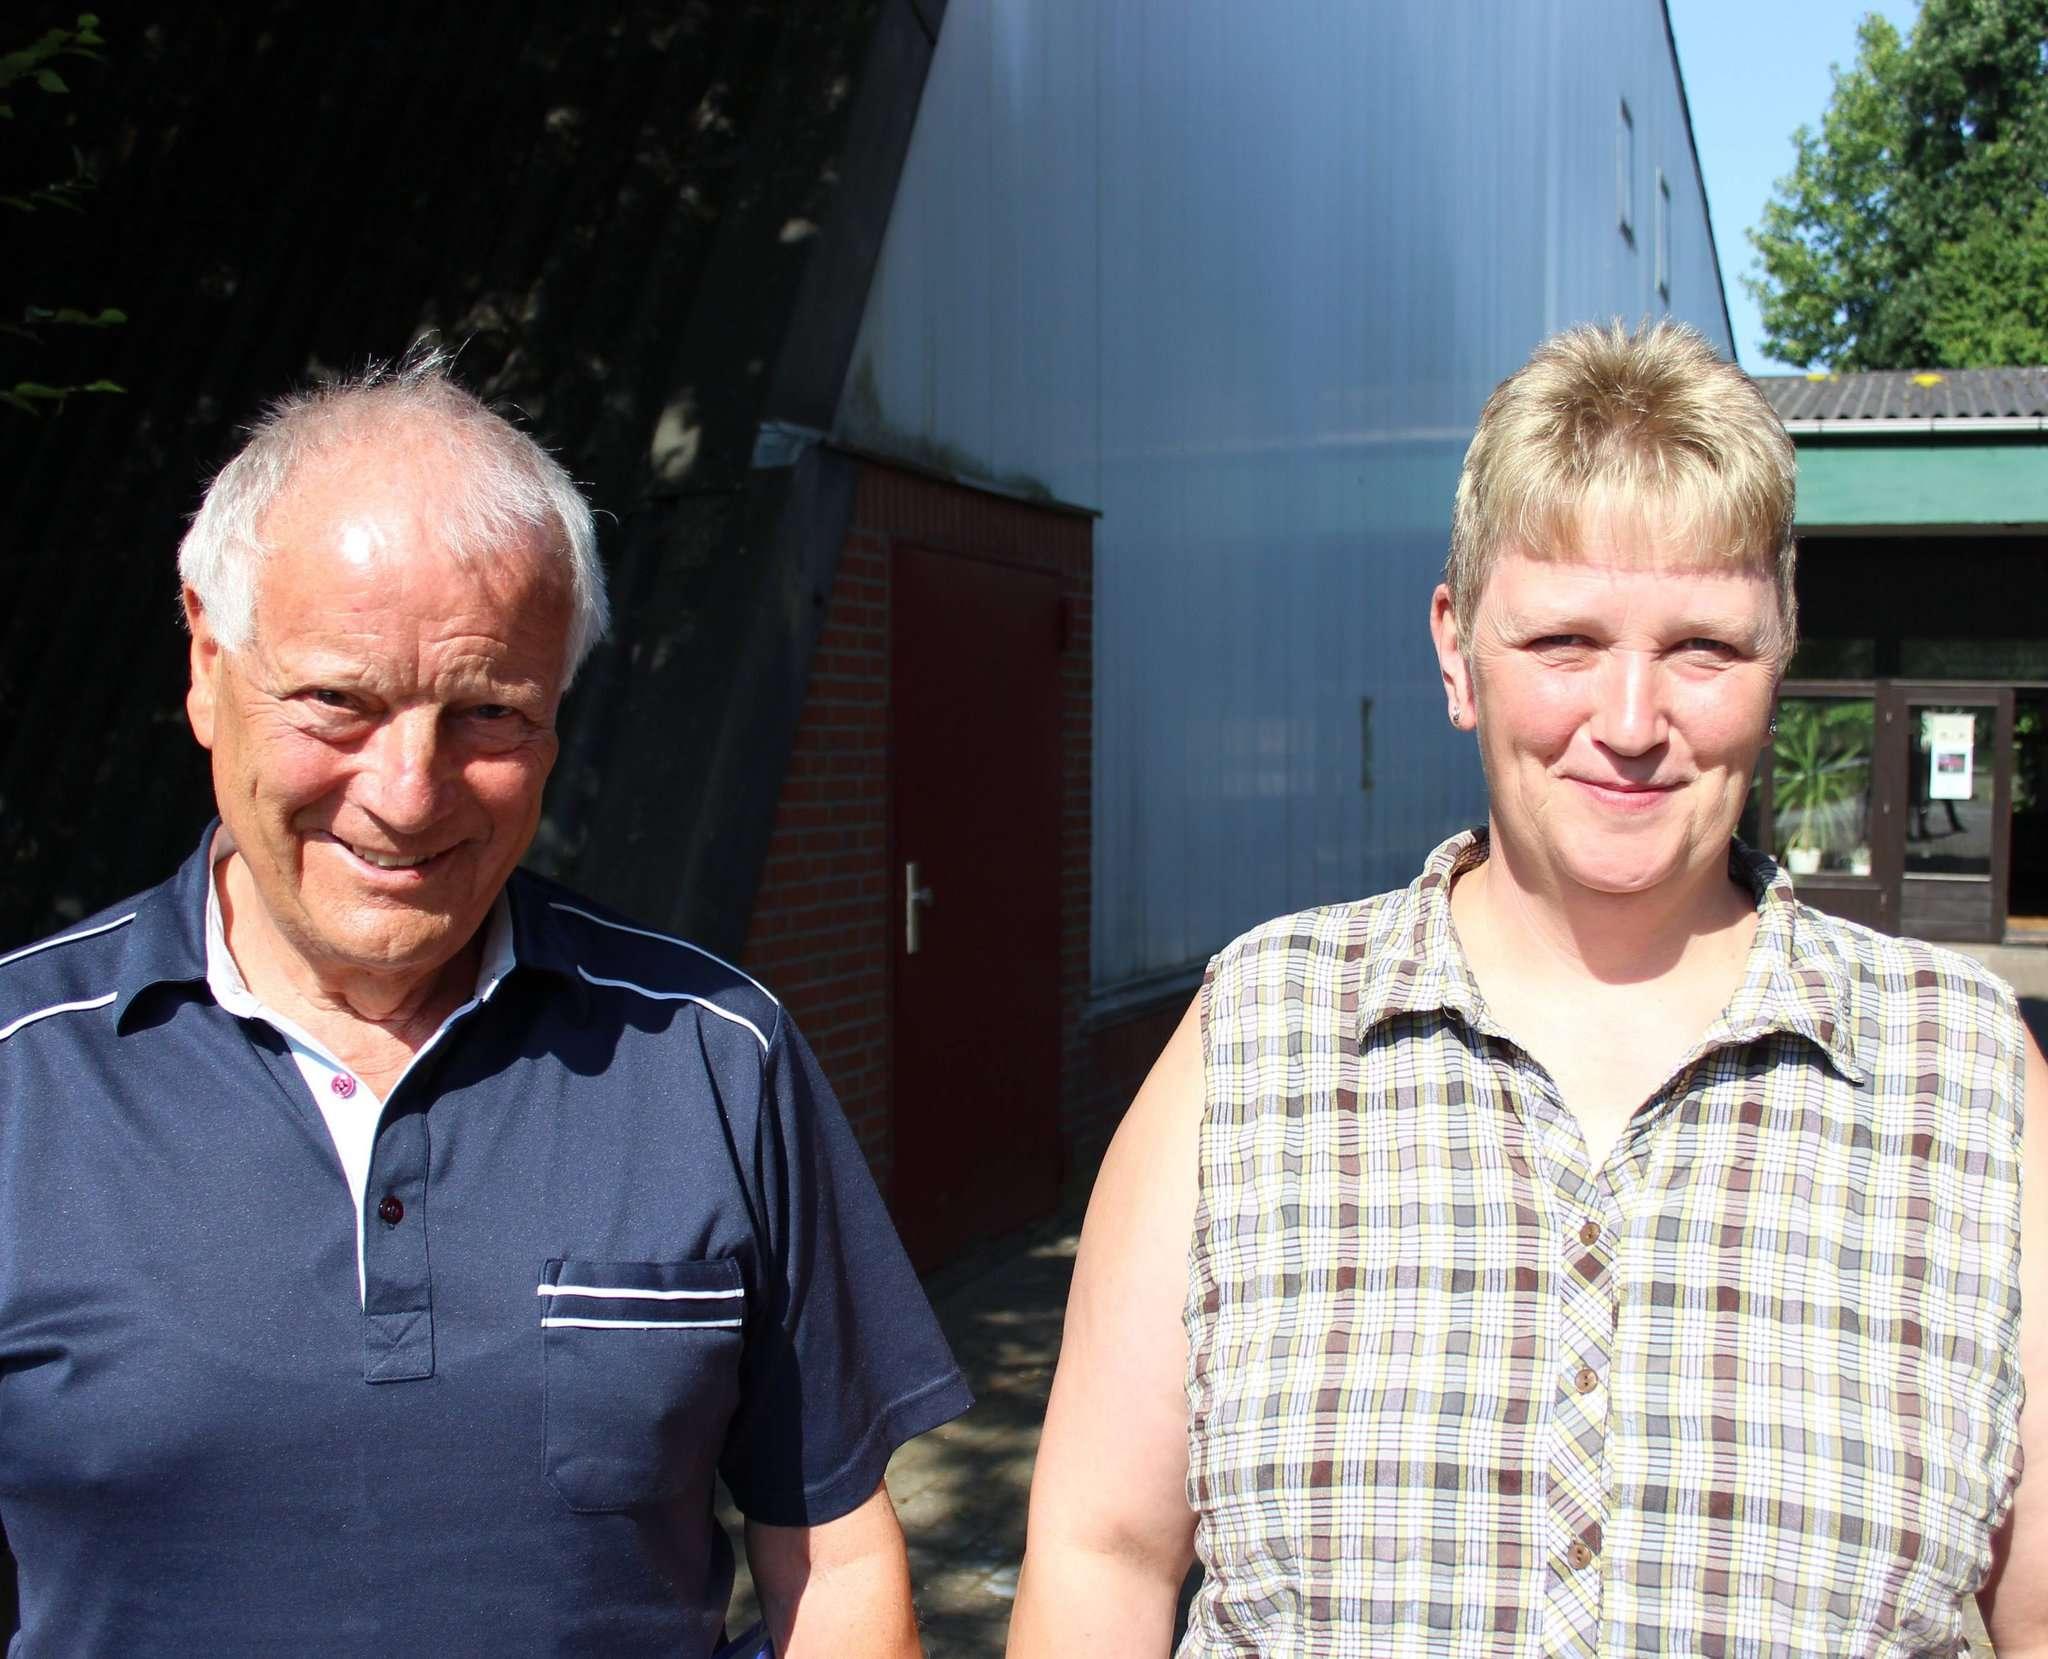 Die Vorsitzenden des Sagehorner Schützenvereins, August Benstein und Beate Böse, fühlen sich von der Gemeinde Oyten übergangen.  Foto: Björn Blaak